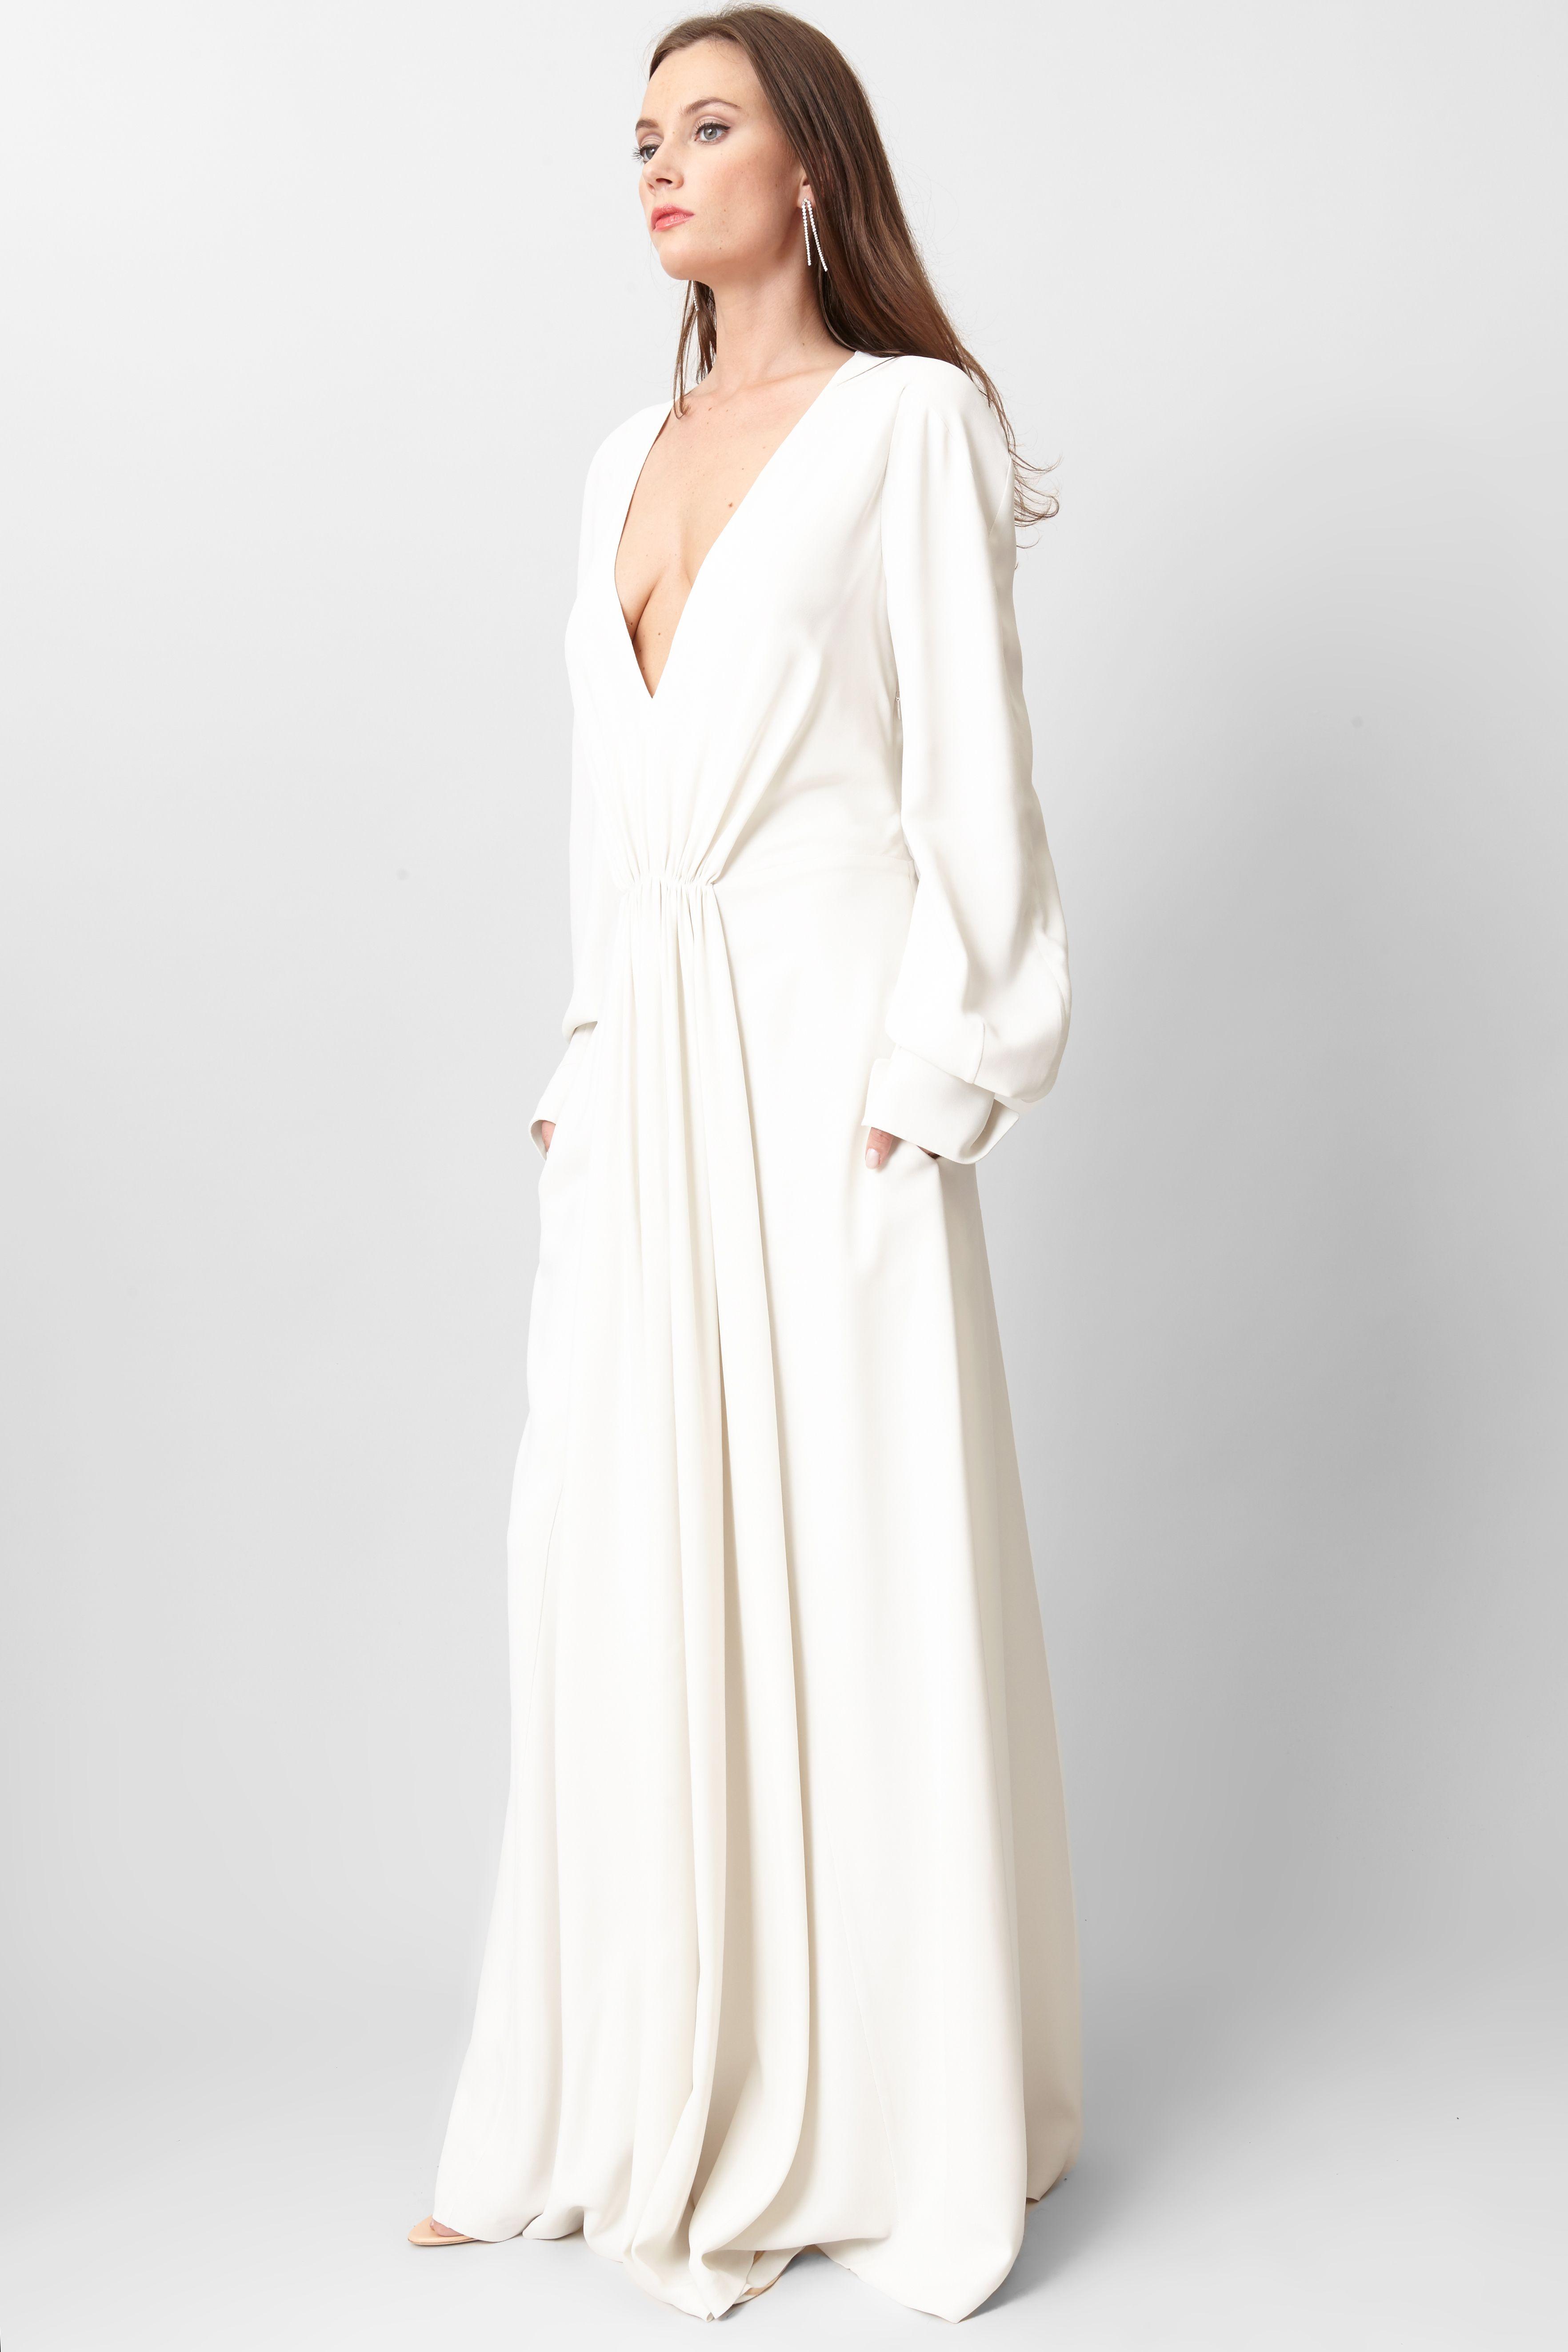 19febf1351bb1 C est Ma Robe - Dresshire - Chloé - Location robes de luxe